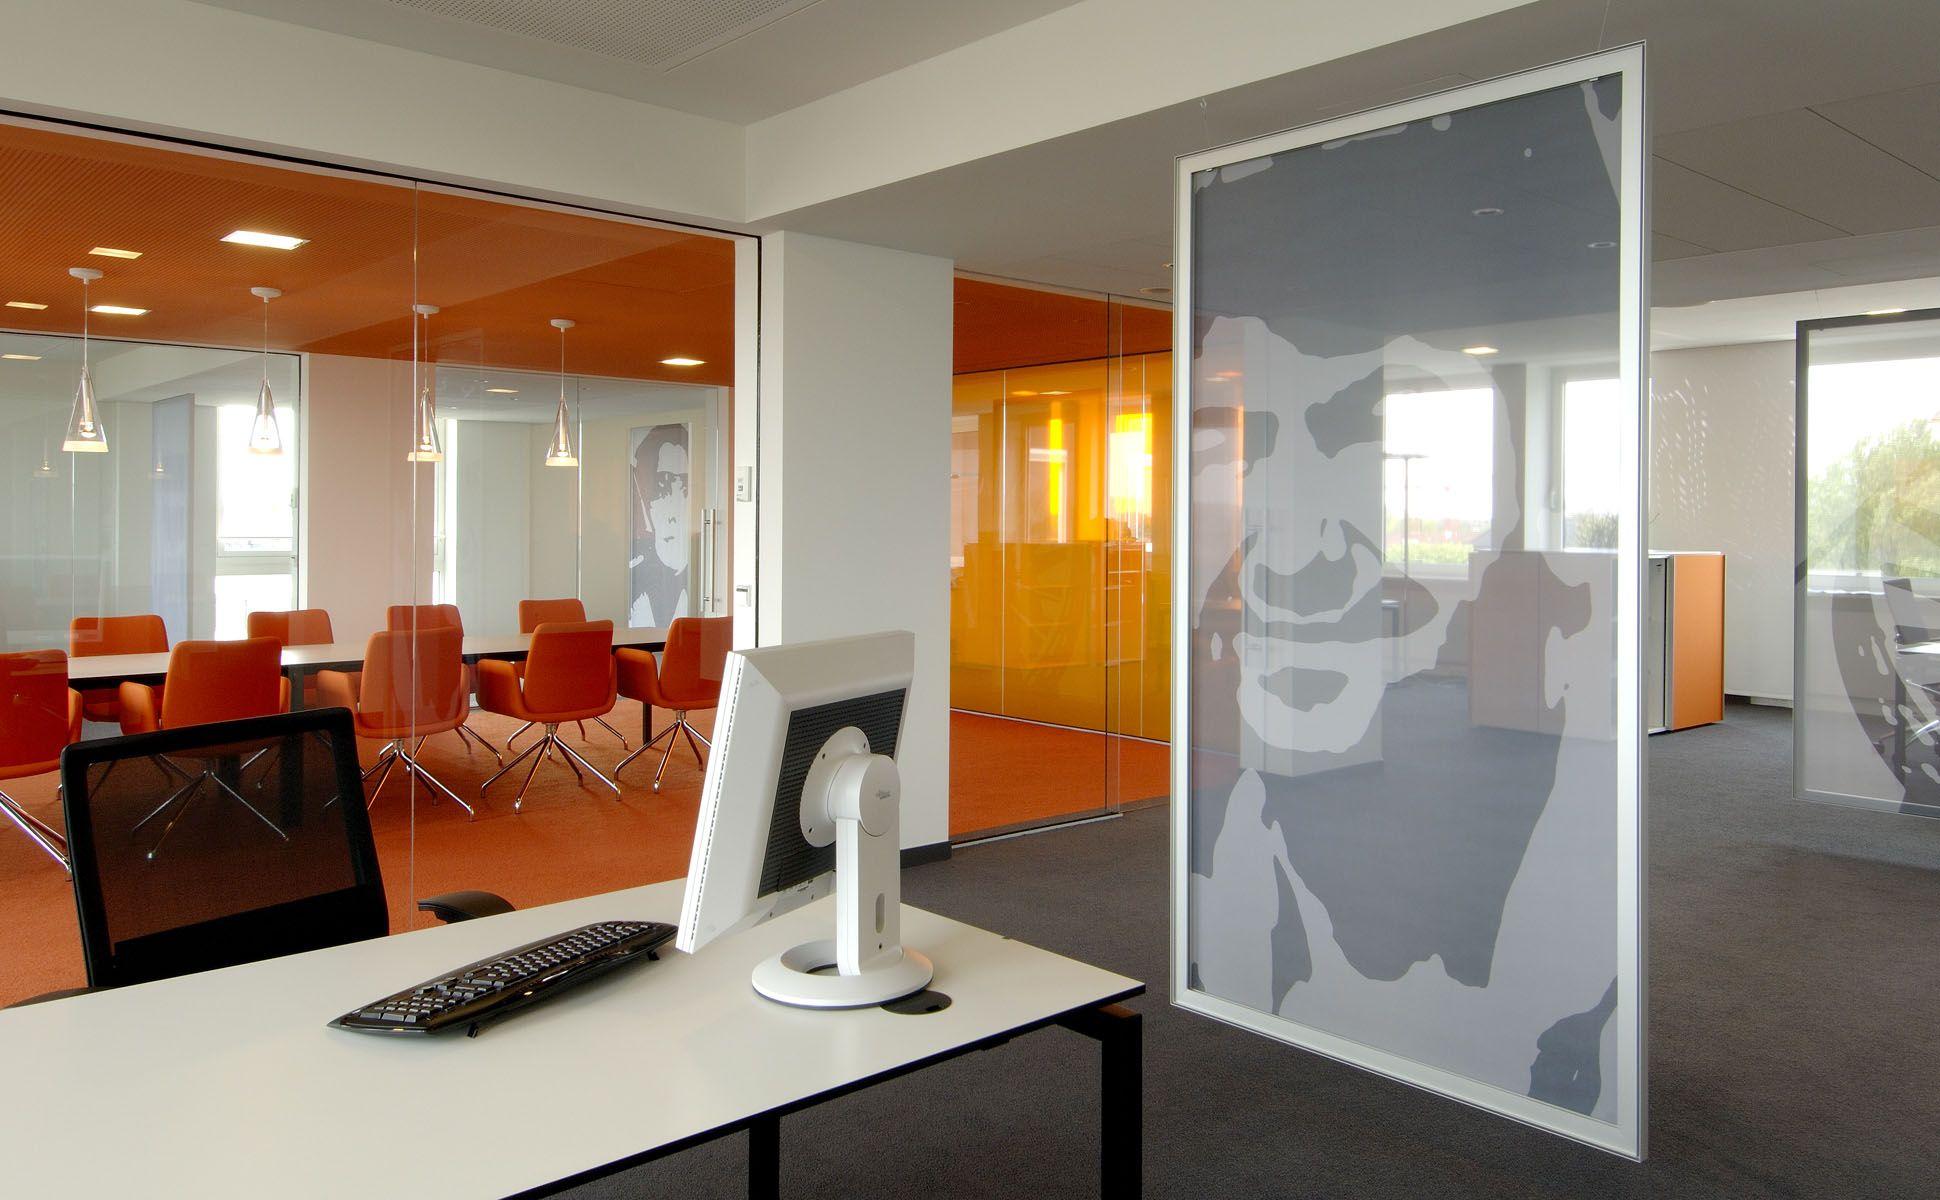 bkp - innenarchitektur arbeitswelten generalplaner | interior, Innenarchitektur ideen